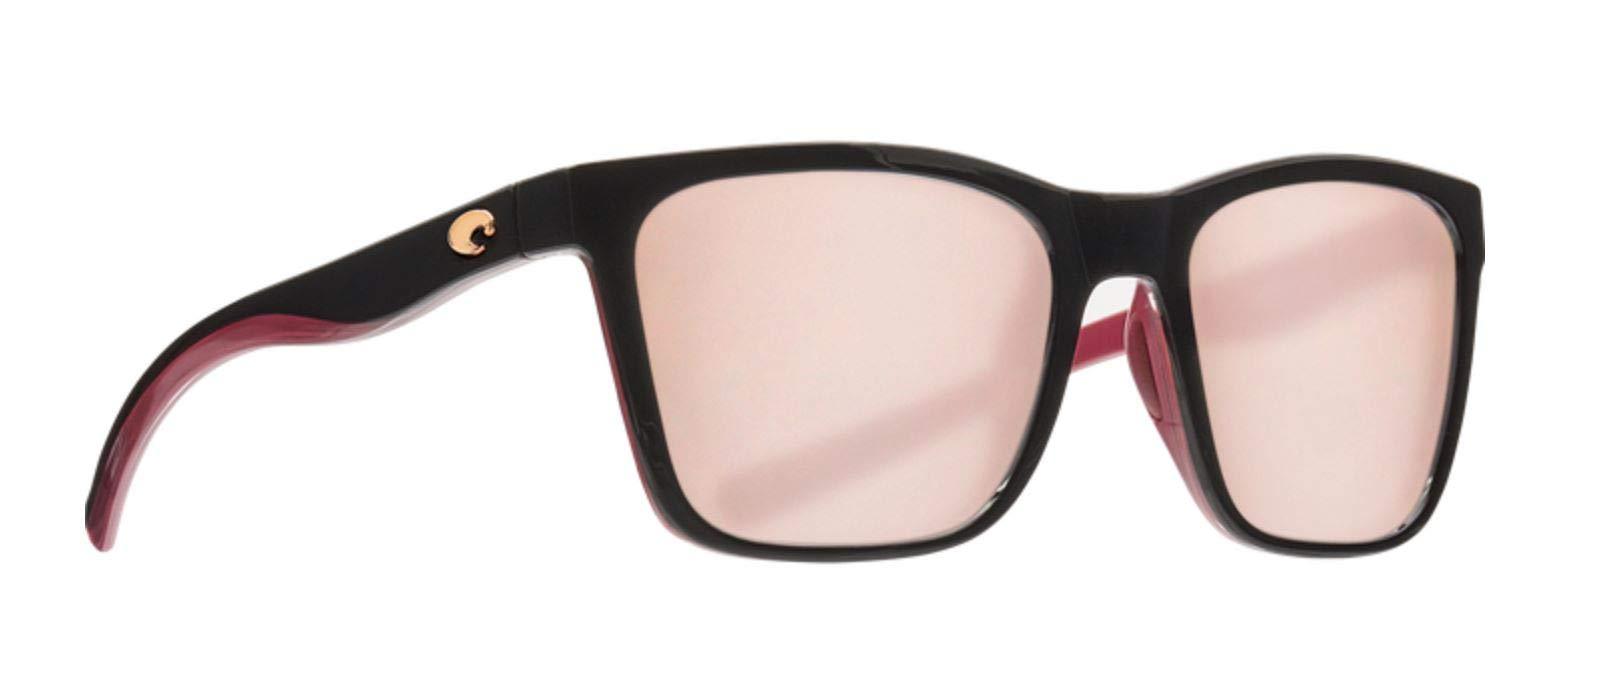 Costa Del Mar Panga Sunglasses Shiny Black Crystal Fuchsia 580P Copper Silver Mirror Polarized Plastic Lens      by Costa Del Mar